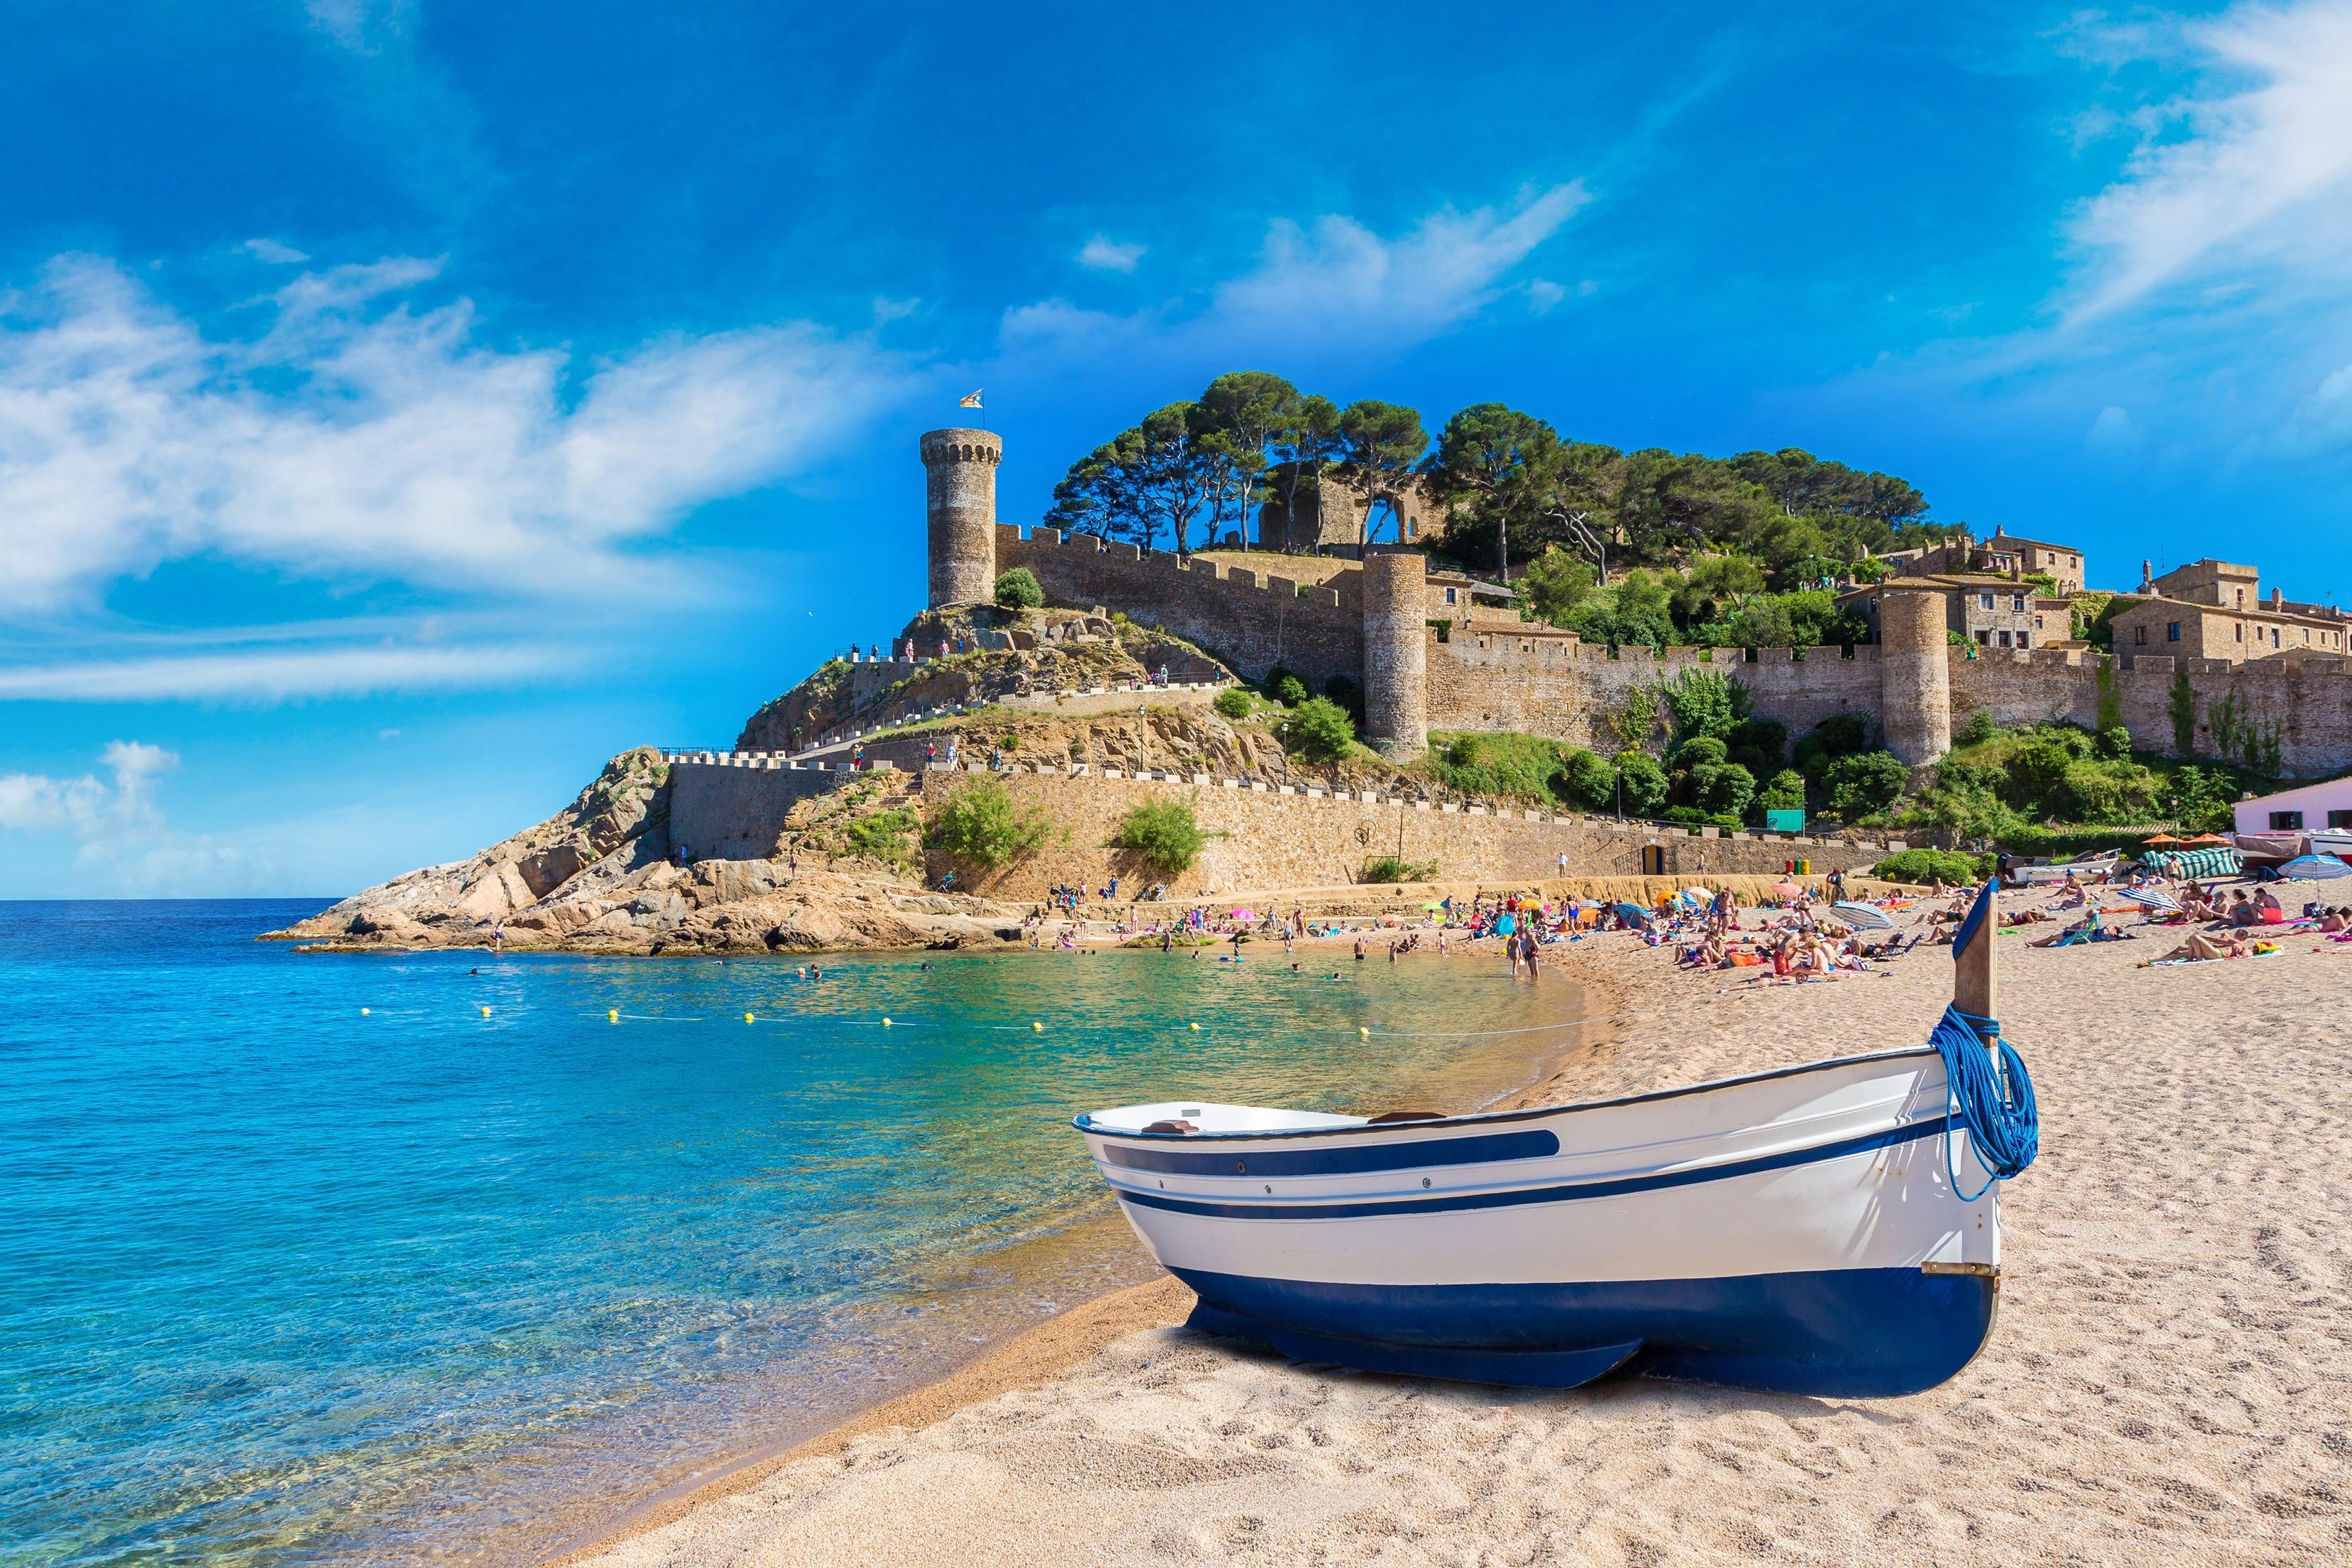 Strand von Tossa de Mar, Tossa de Mar, Katalonien, Spanien